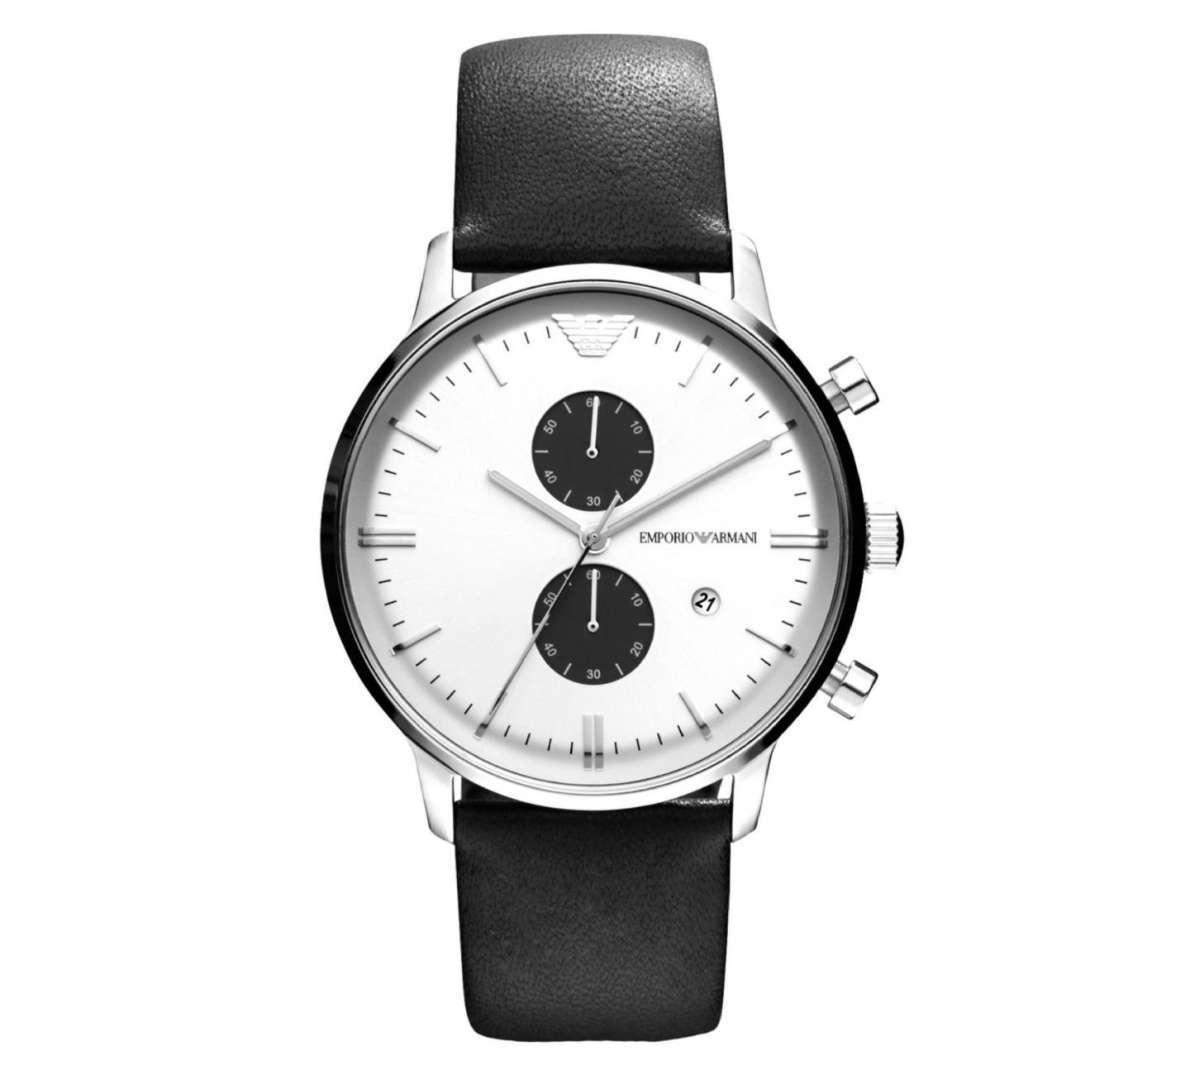 שעון יד אנלוגי לגבר emporio armani ar0385 אמפוריו ארמני